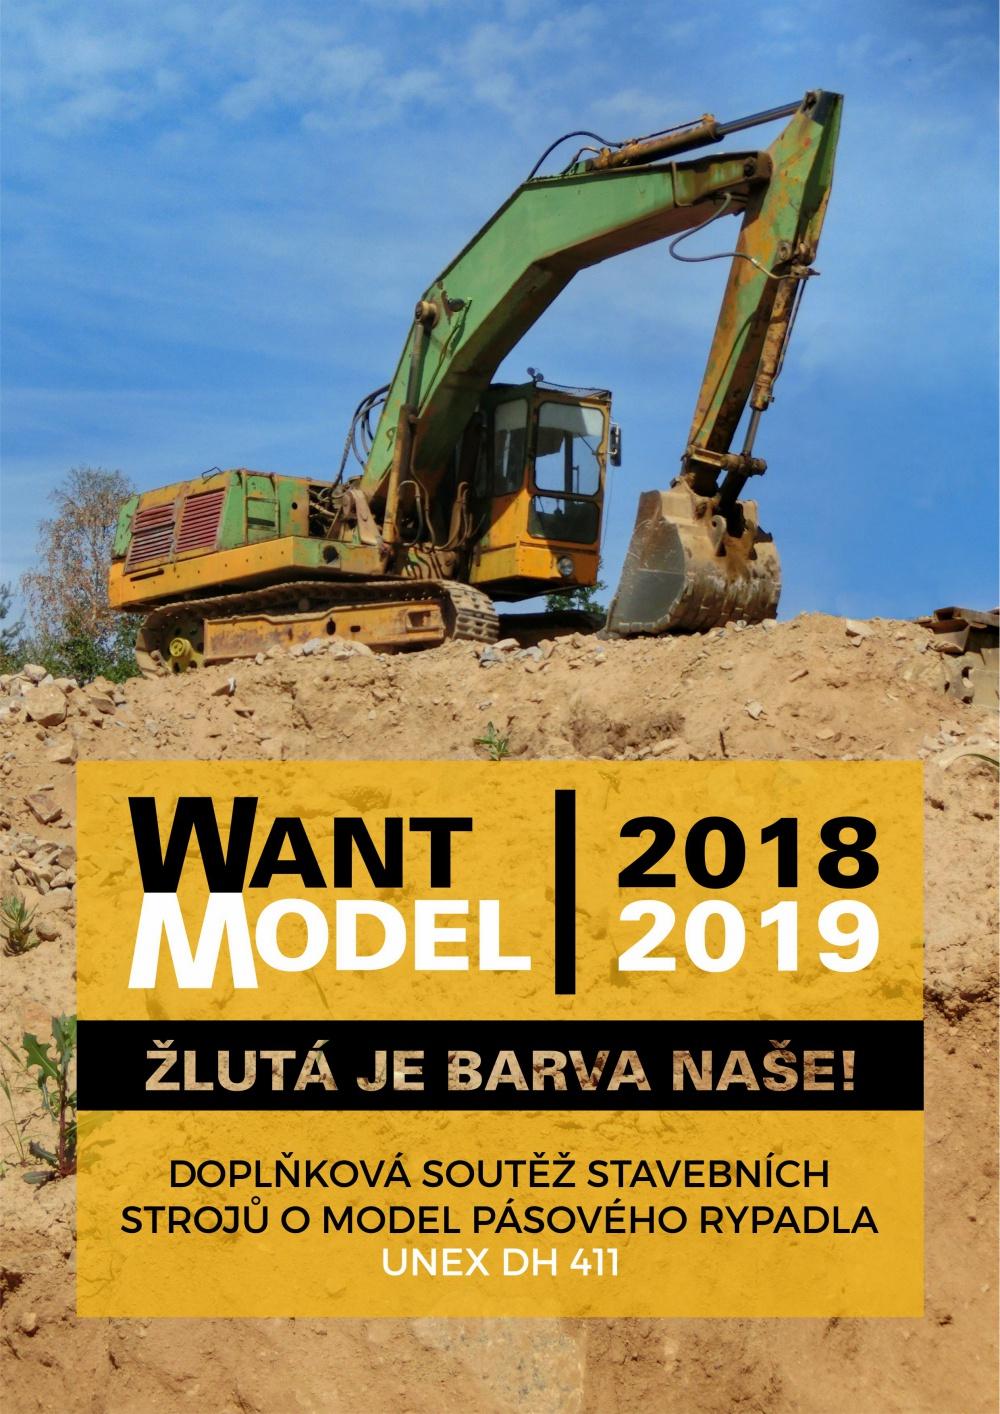 WANT MODEL 2018/2019